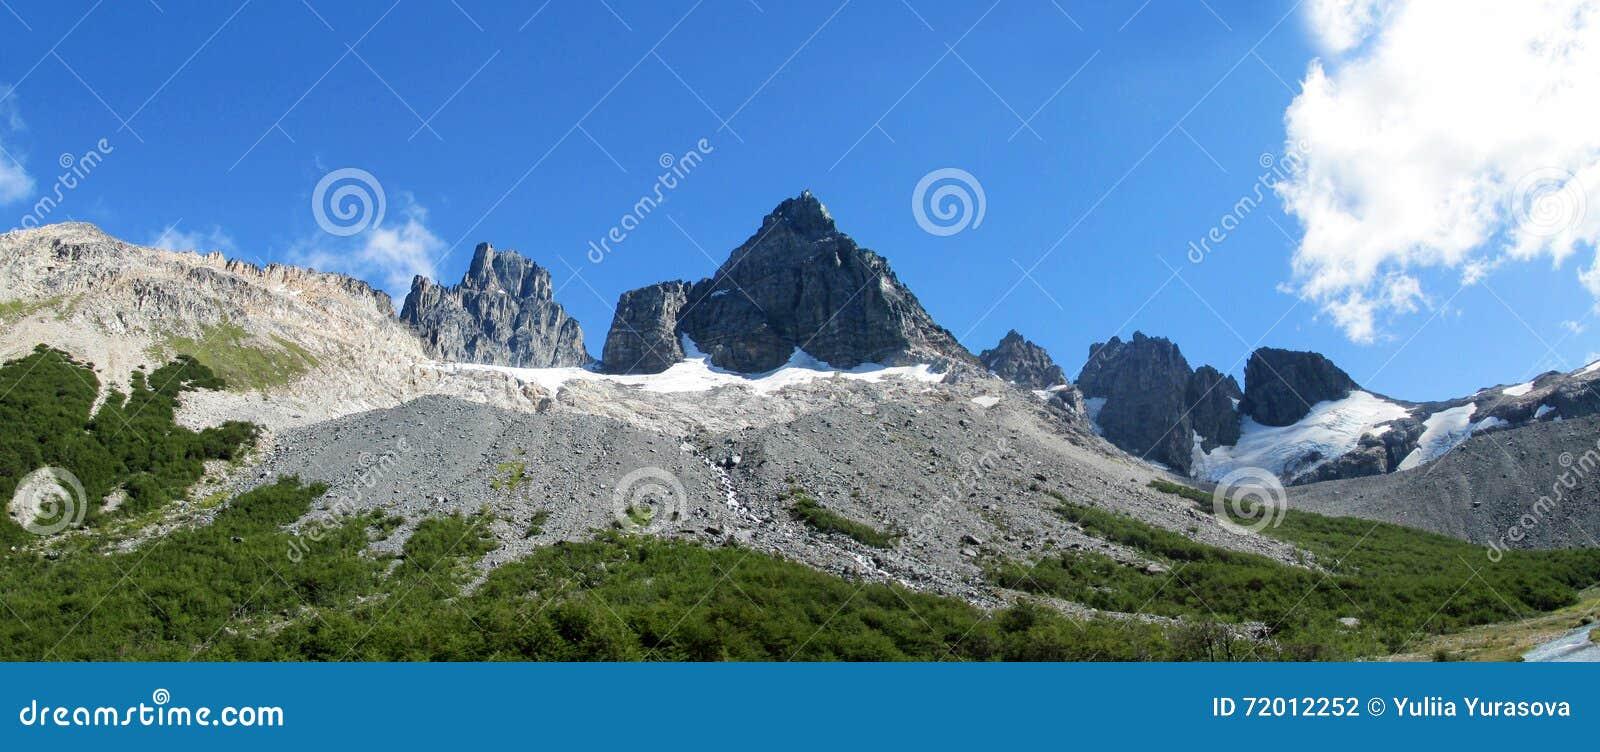 Montanha rochosa no Patagonia do Chile ao longo de Carretera Austral